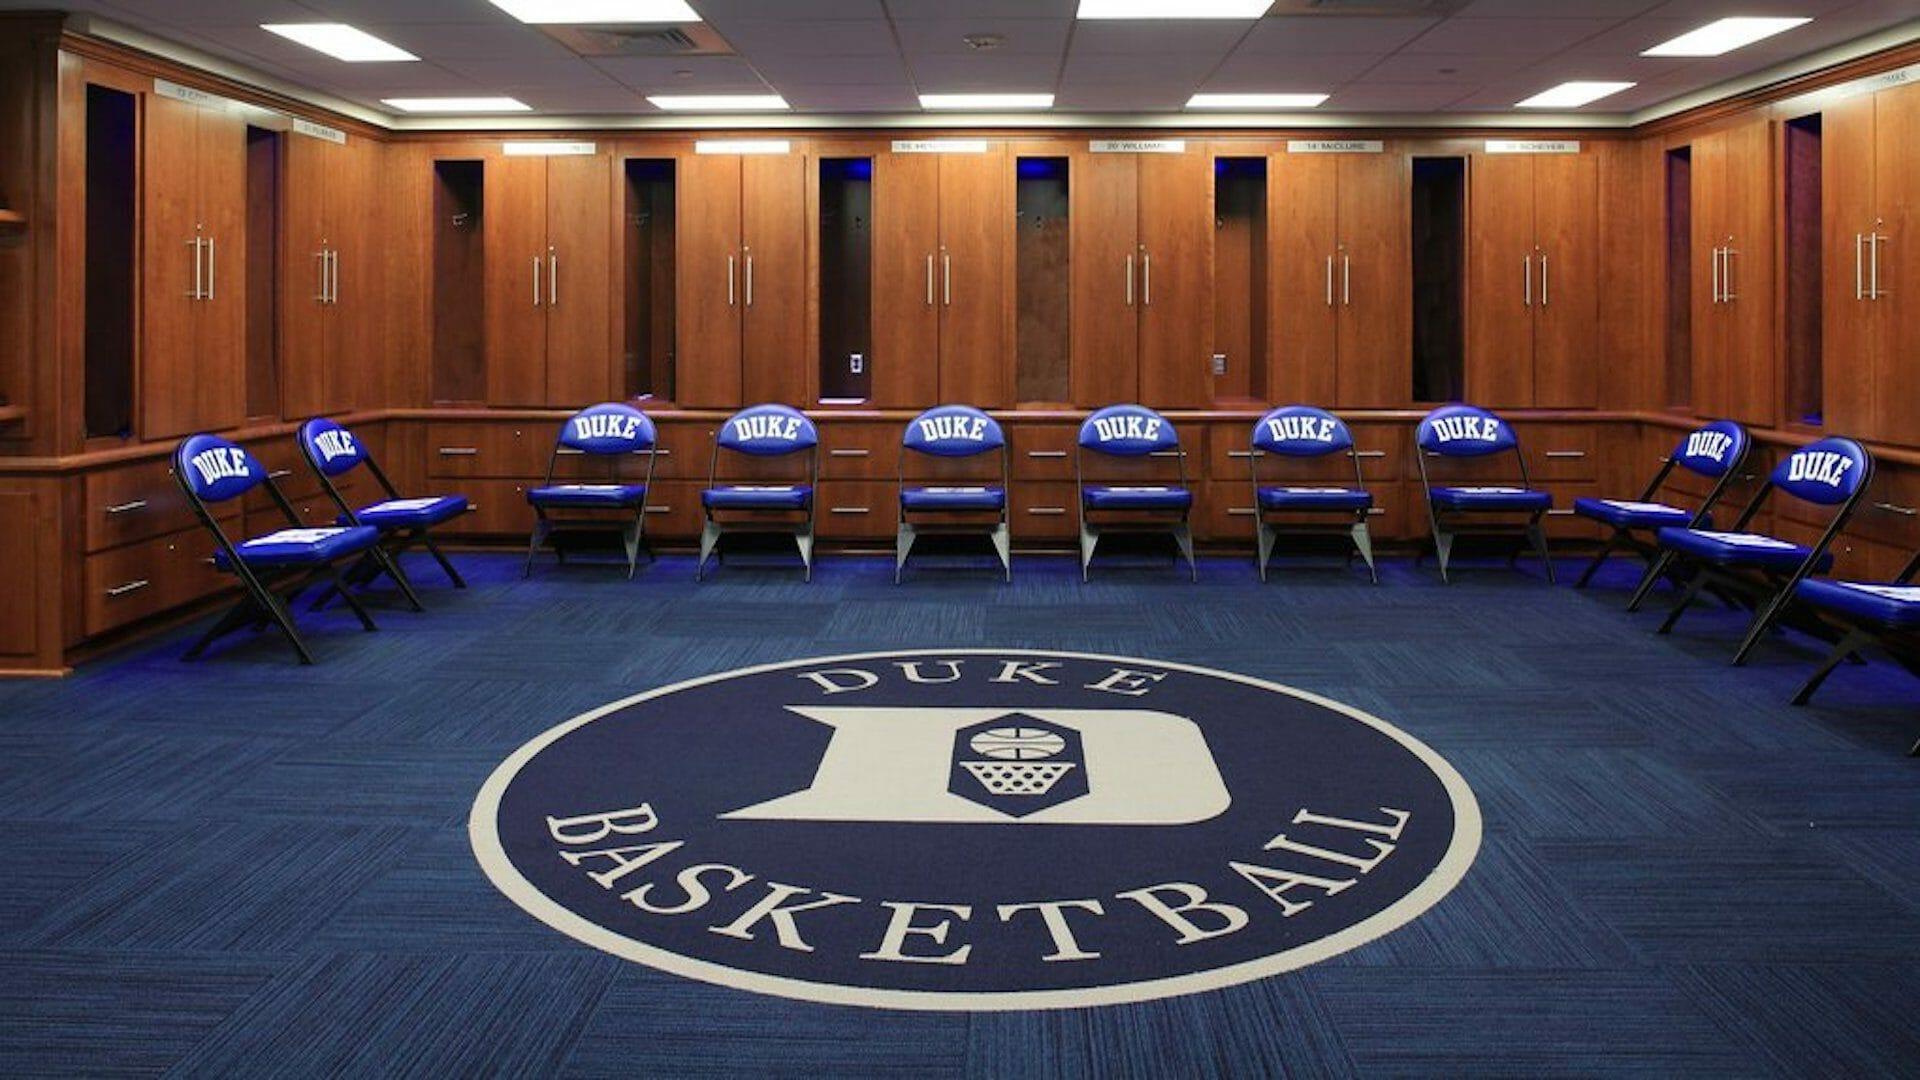 Duke, la meilleure université de basket des USA